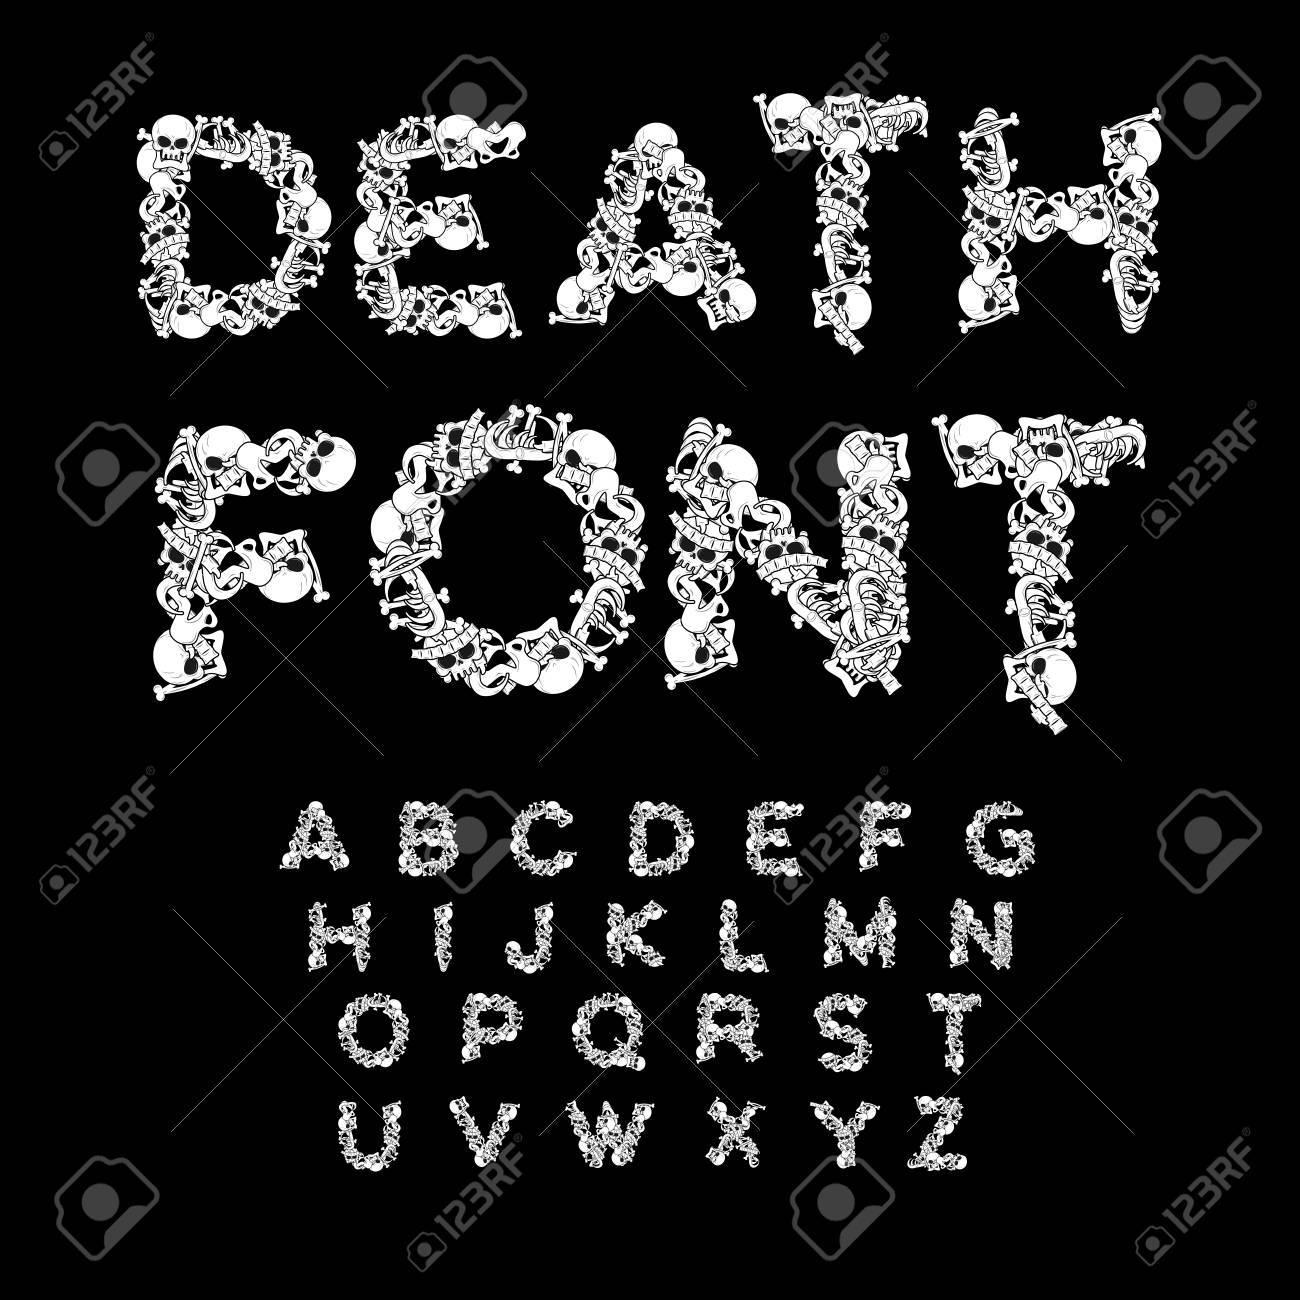 La Fuente De La Muerte. Huesos ABC. Alfabeto Esqueleto. Cartas ...